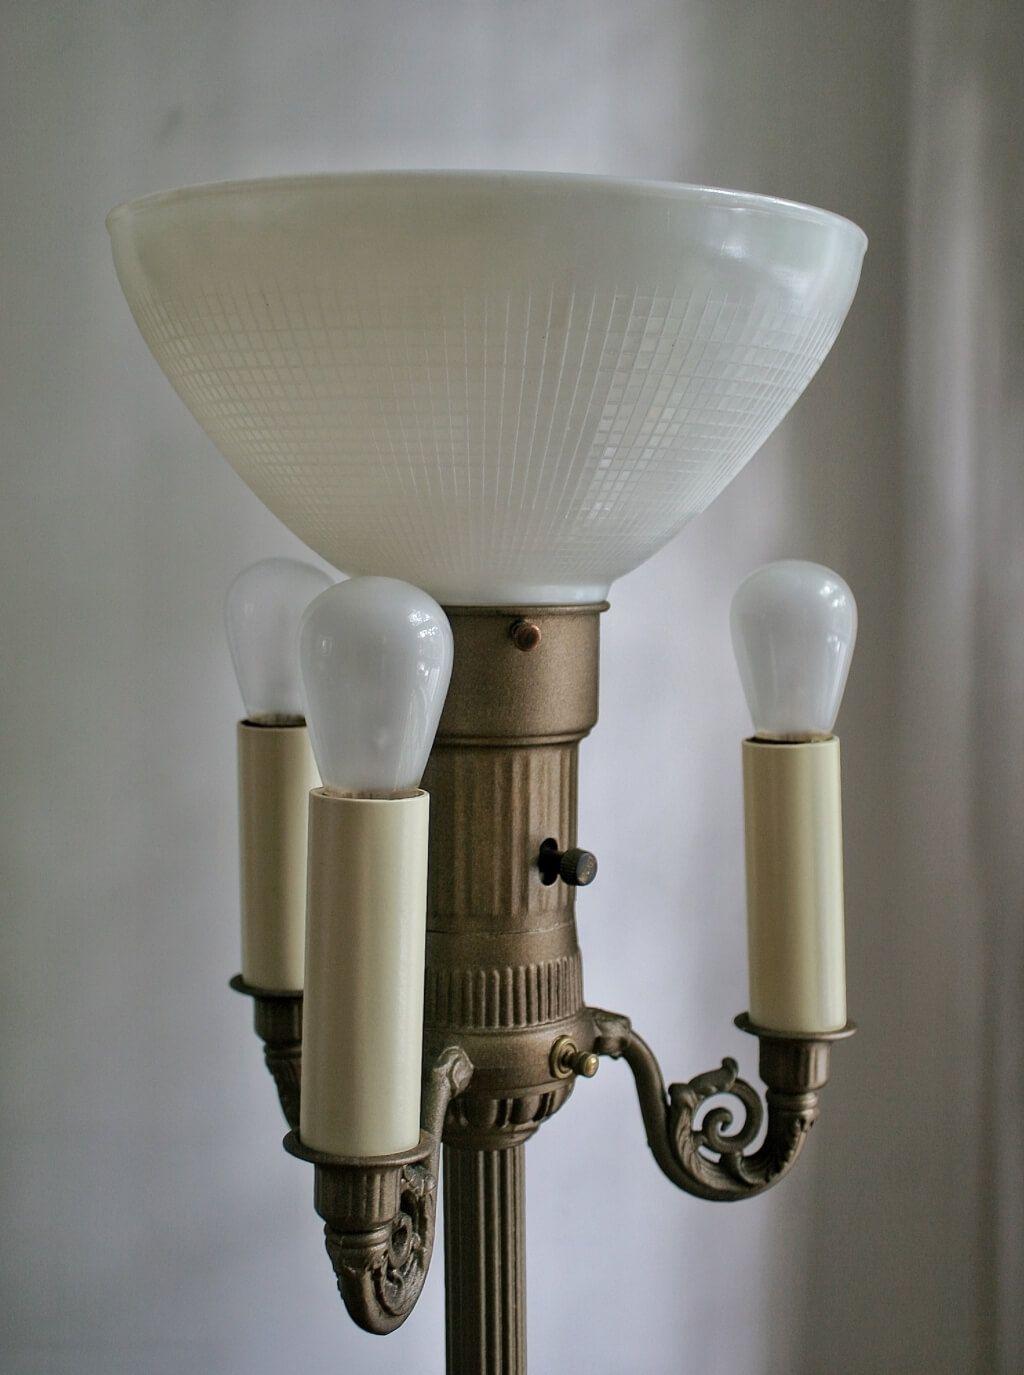 4 Bulb Antique Floor Lamp Antique Floor Lamps Floor Lamp Makeover Floor Lamp